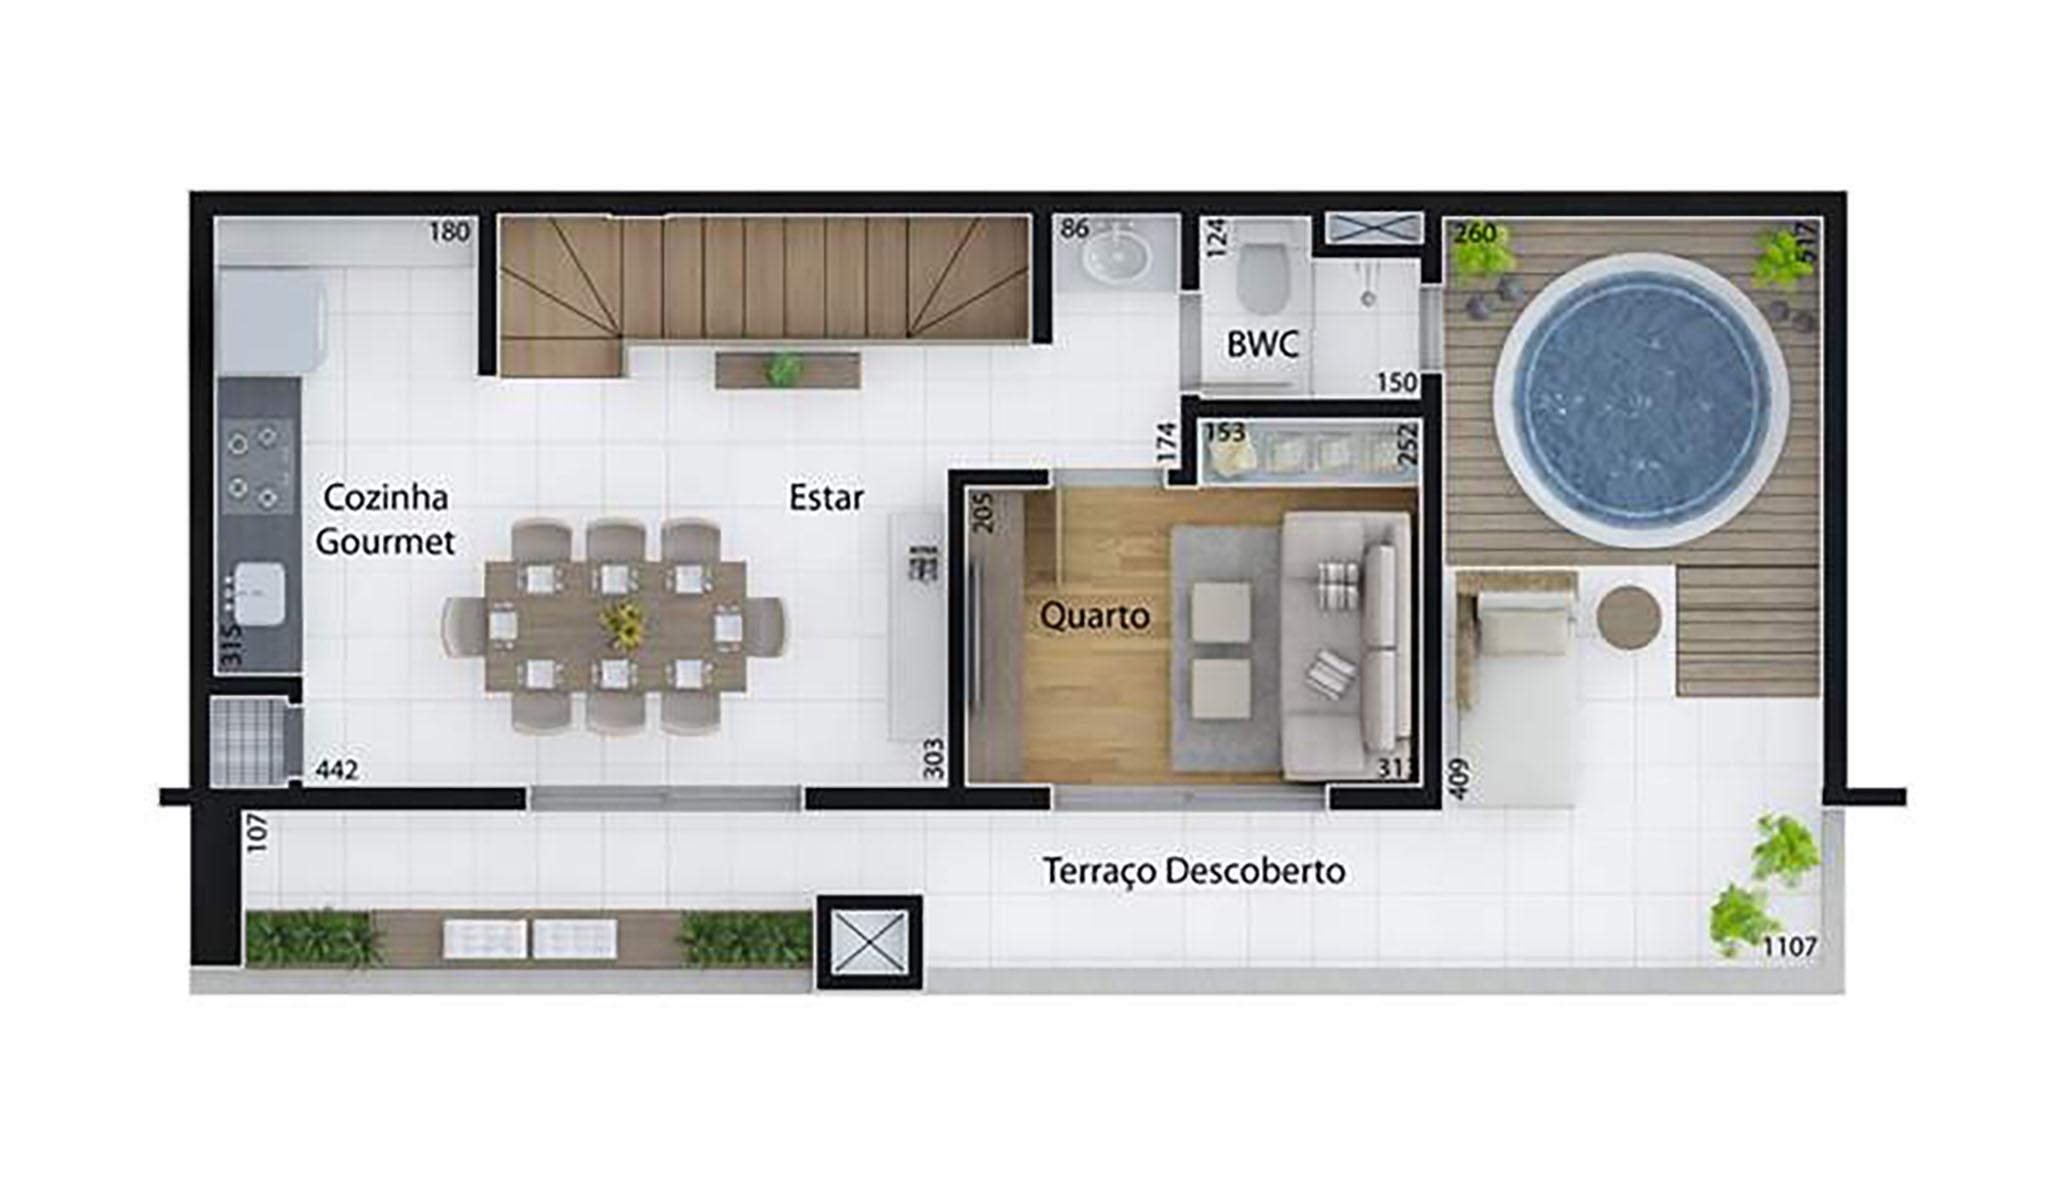 Ilustração Artística da Planta de 123 m², com 2 dorms. (duplex, piso superior) Set Cabral